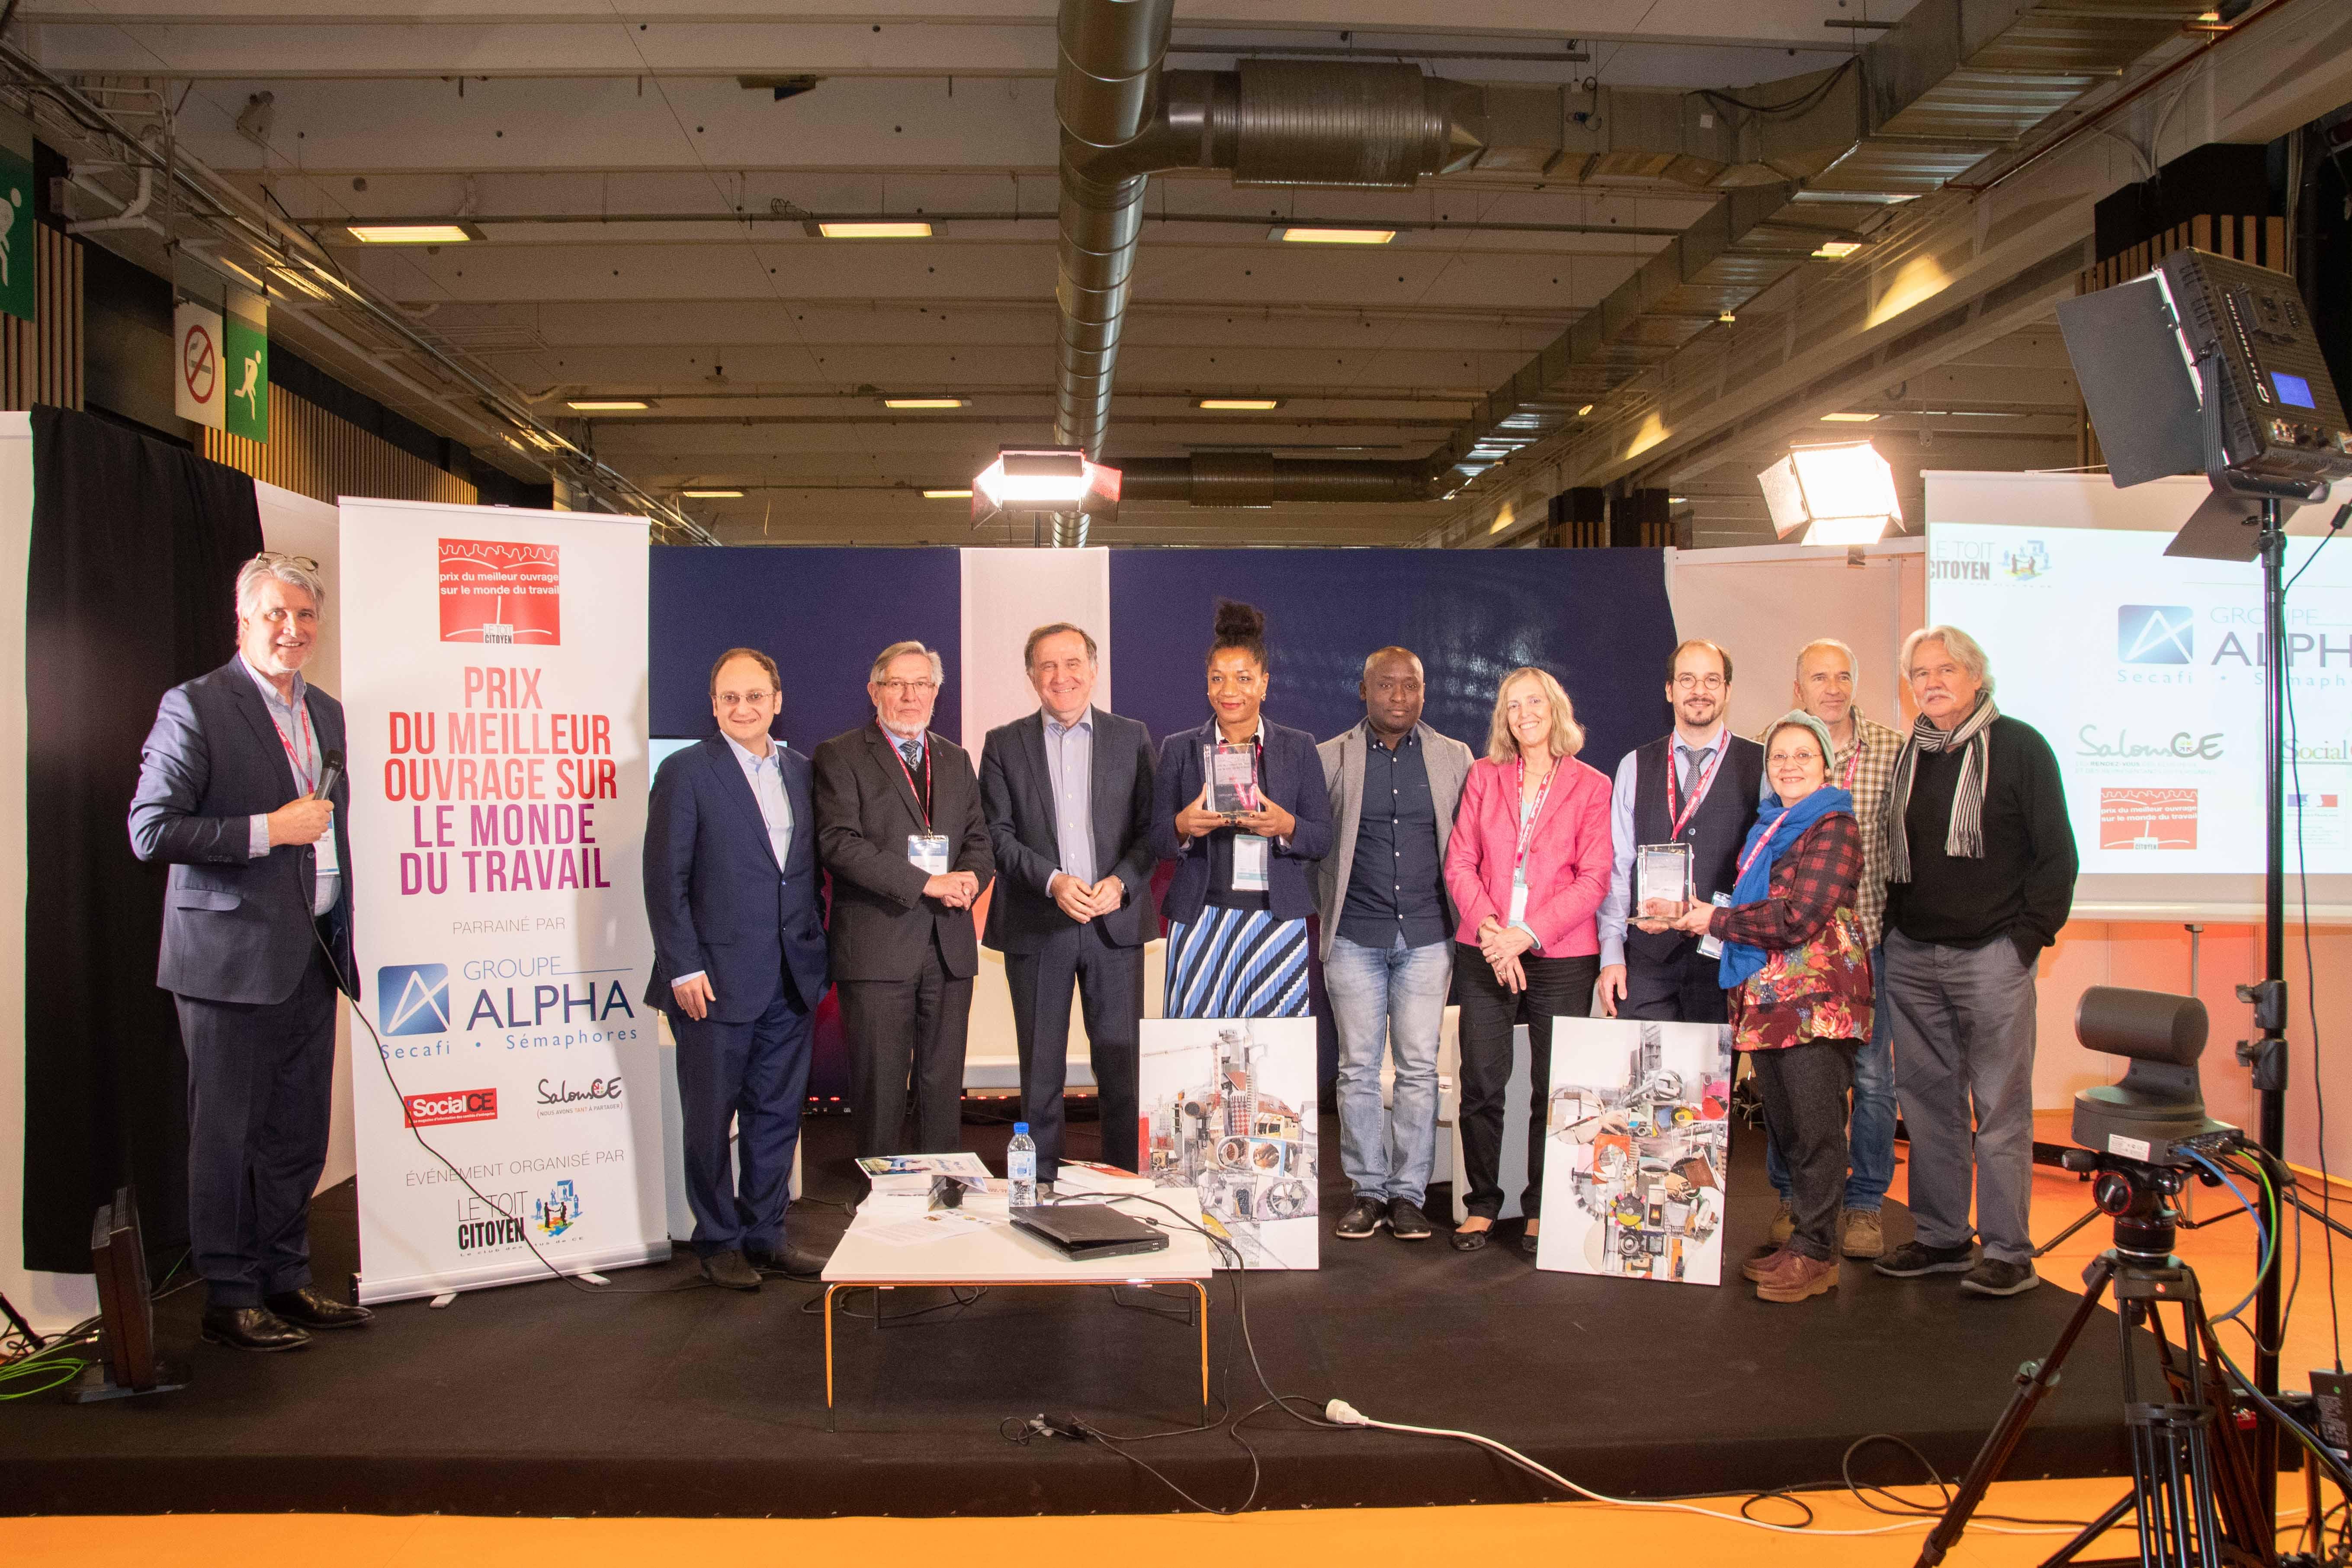 La ministre du travail, Myriam El Khomri, entre Margaux Gilquin, une des lauréates du Prix du Meilleur Ouvrage sur le Monde du Travail 2017 et Pierre Ferracci, président du Groupe Alpha, parrain de la manifestation le 25 avril à l'Aquarium de Paris.